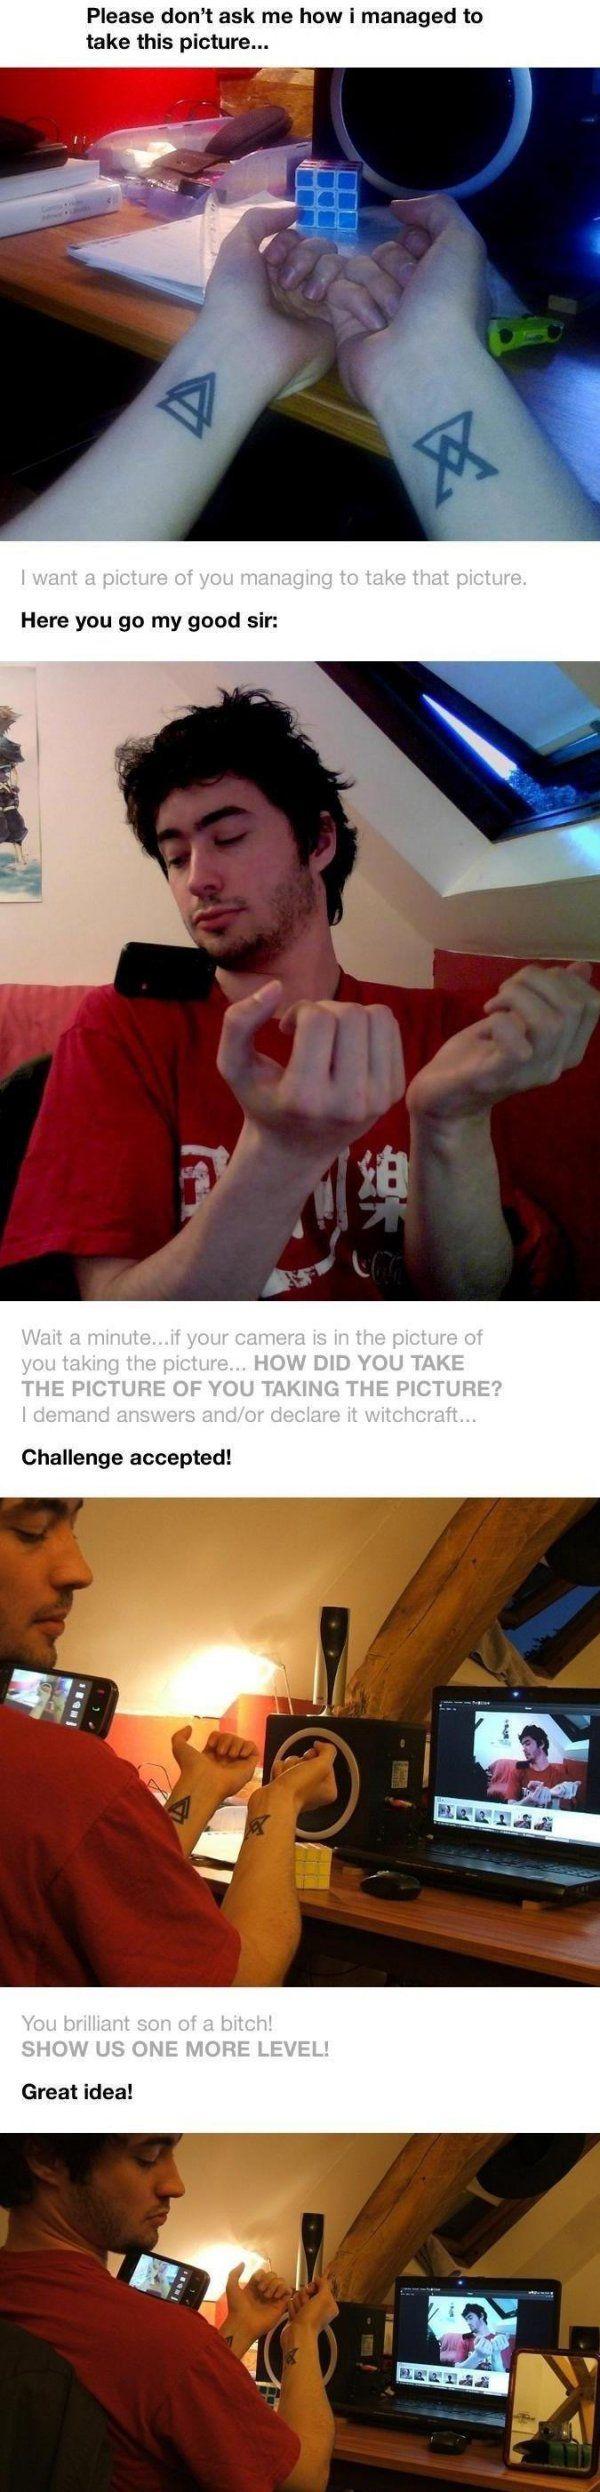 Lustige Bilder | Webfail - Fail Bilder und Fail Videos